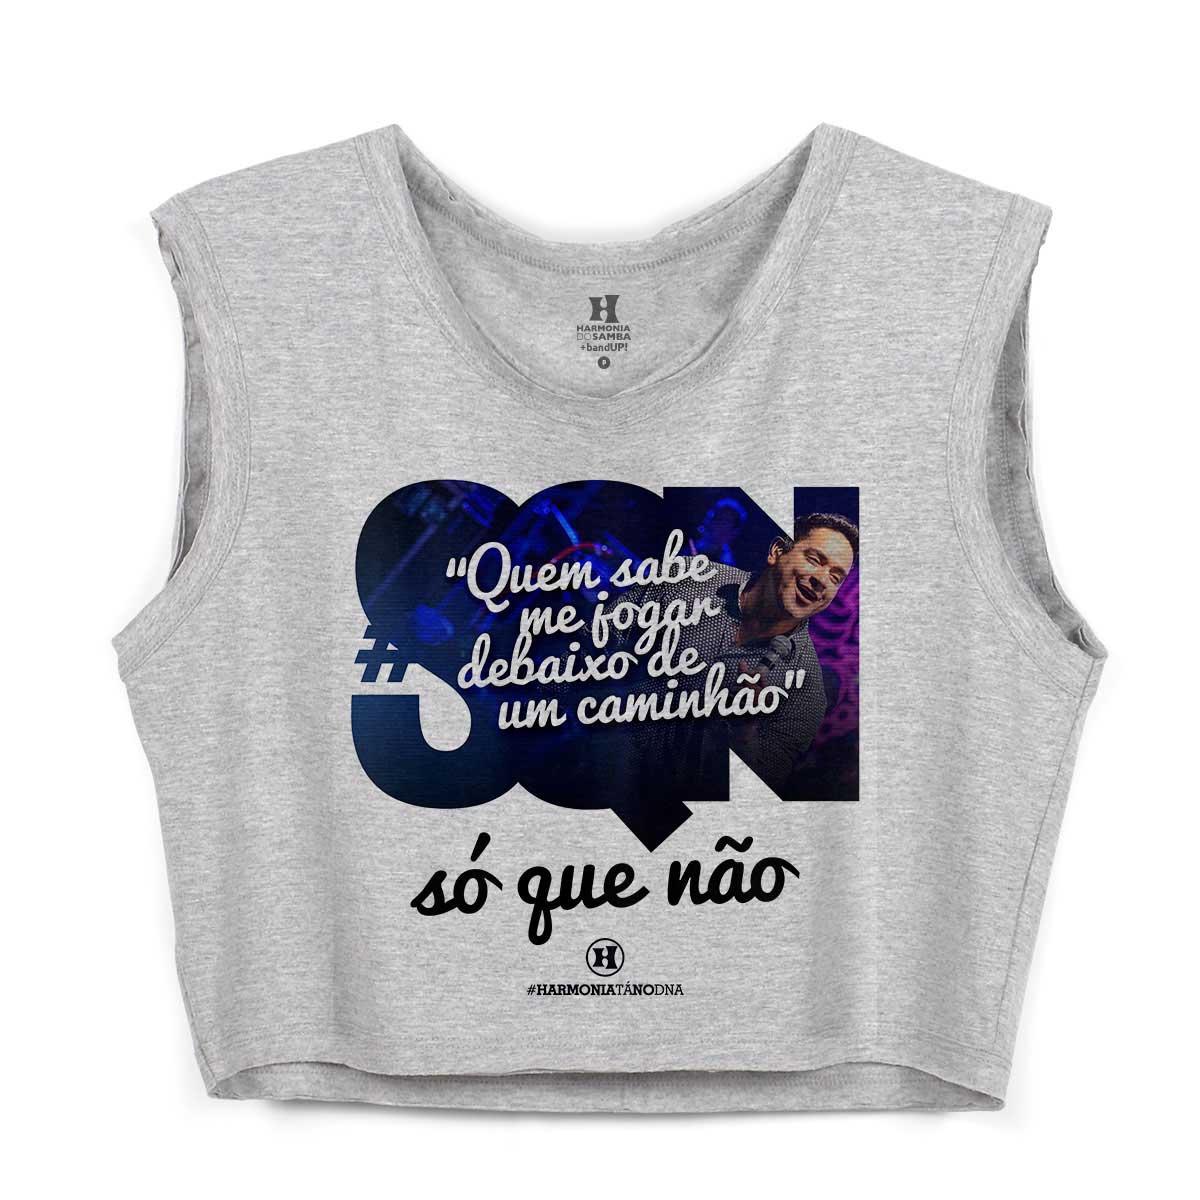 Blusa Cropped Feminina Harmonia do Samba Debaixo de um Caminhão